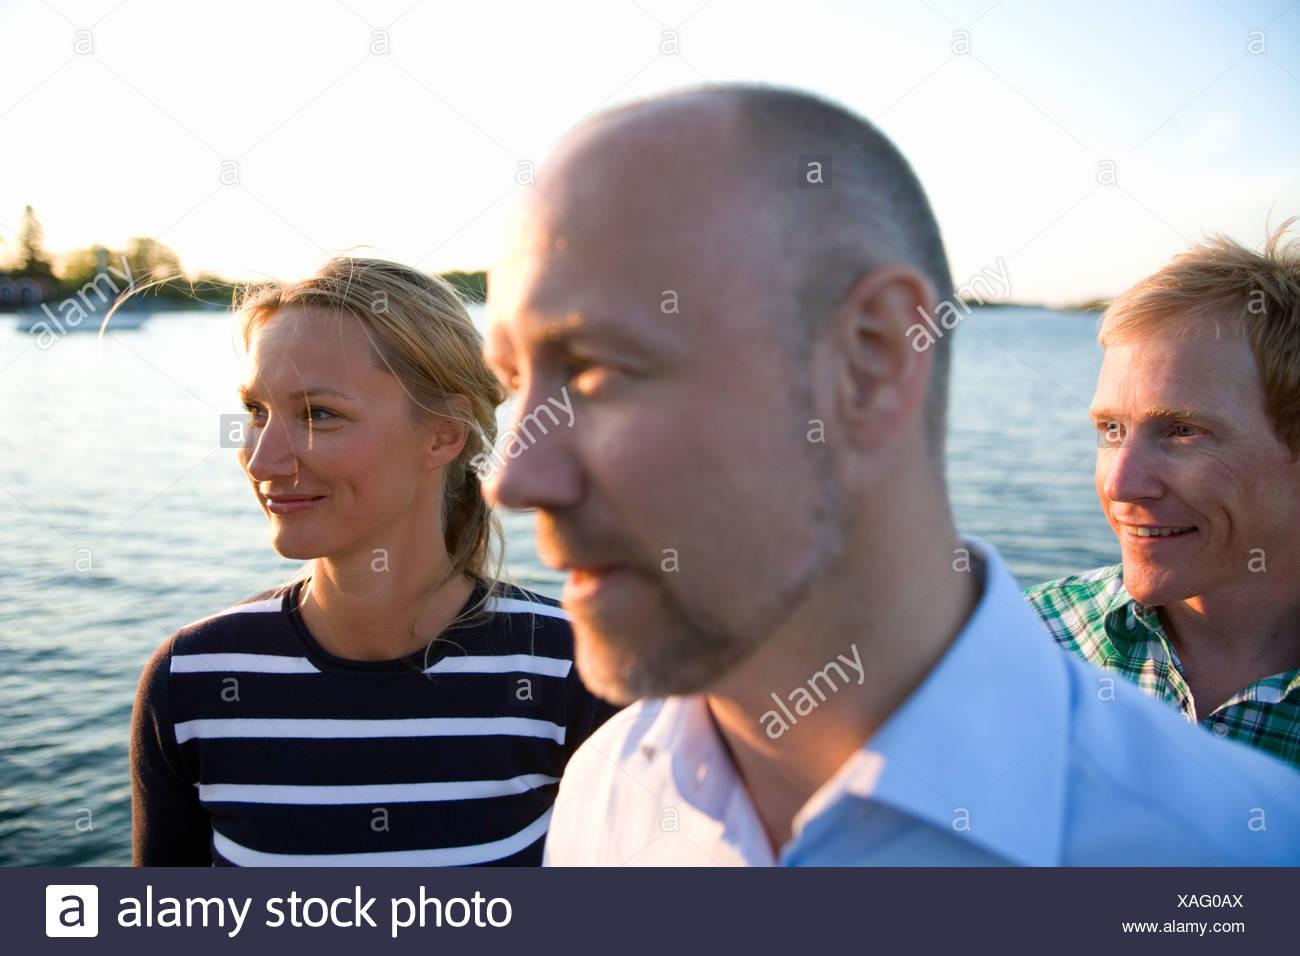 Tre persone in piedi dall'acqua, Fejan, arcipelago di Stoccolma, Svezia. Foto Stock